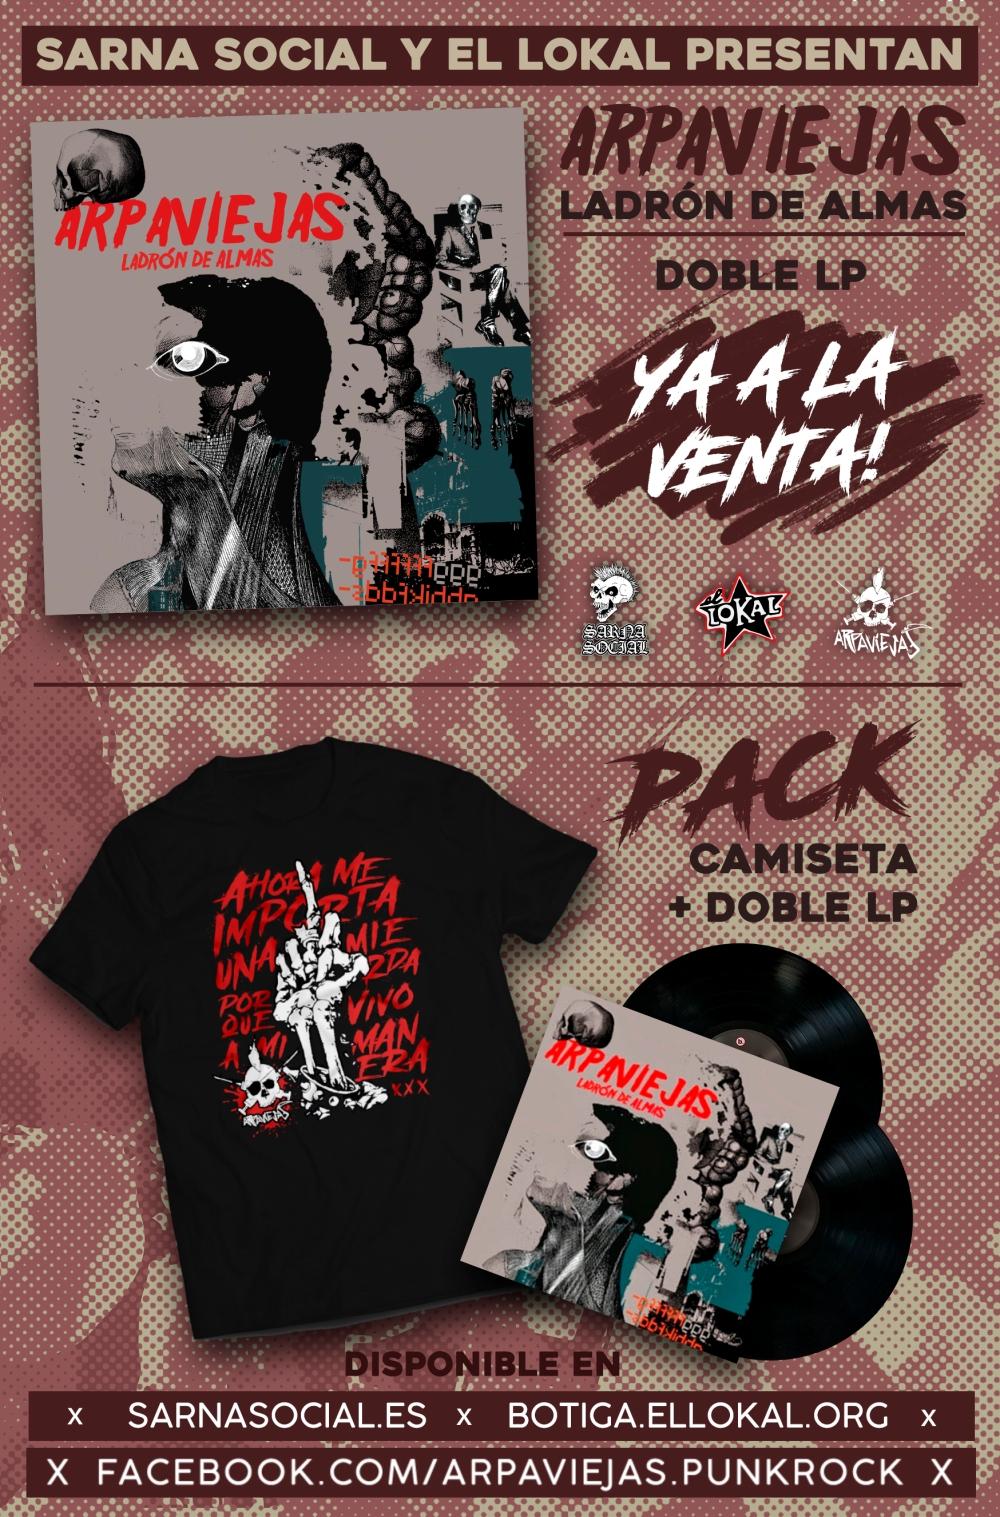 Edición en vinilo de 'Ladrón de Almas' de Arpaviejas por El Lokal y Sarna Social